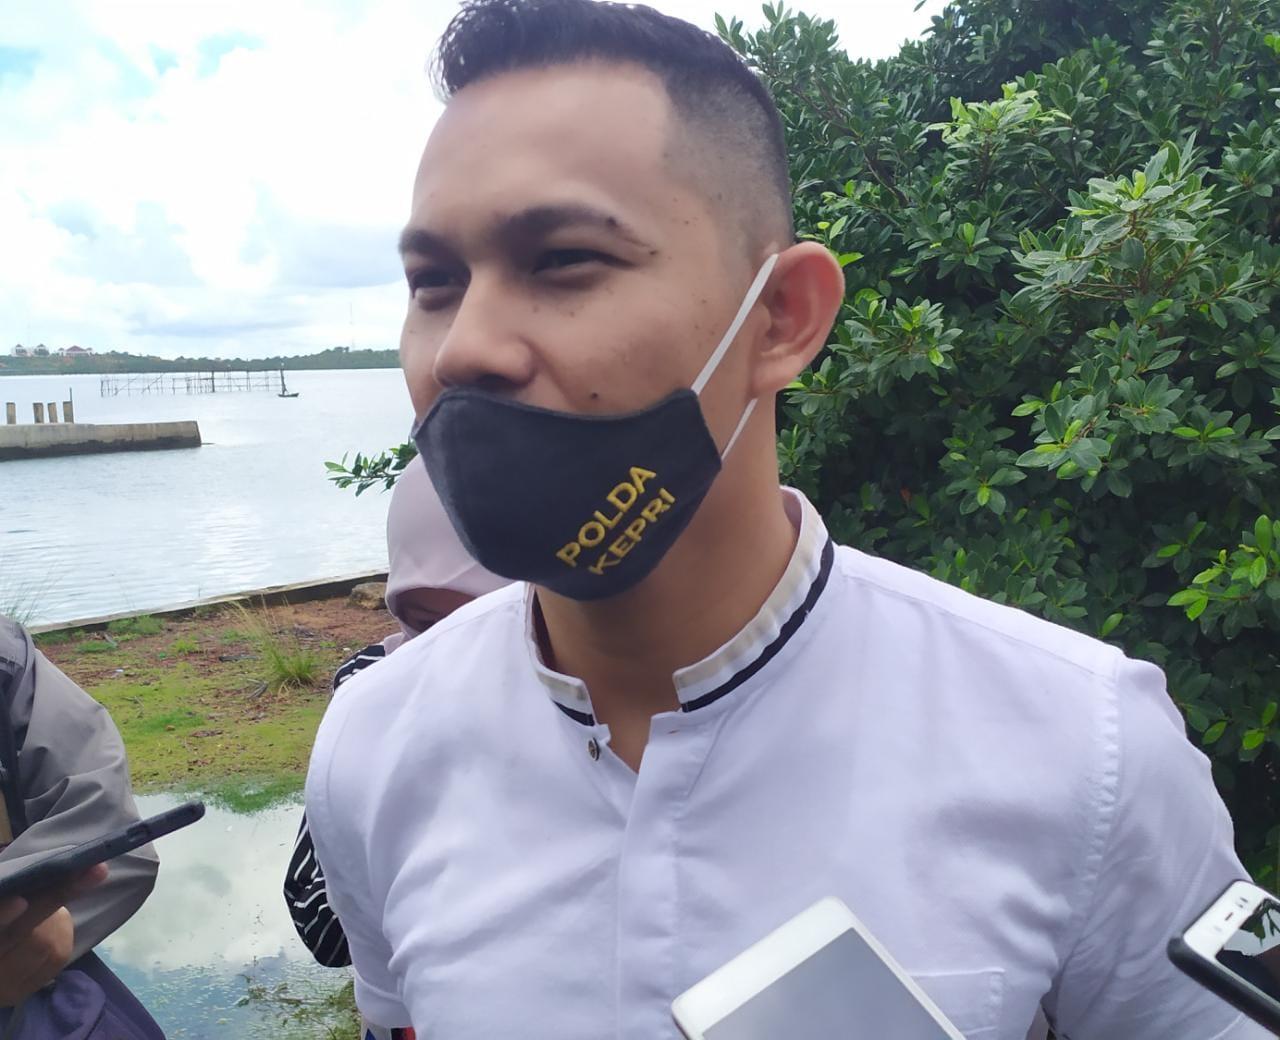 Patroli Siber Polres Tanjungpinang Pantau Ujaran Kebencian di Pilkada